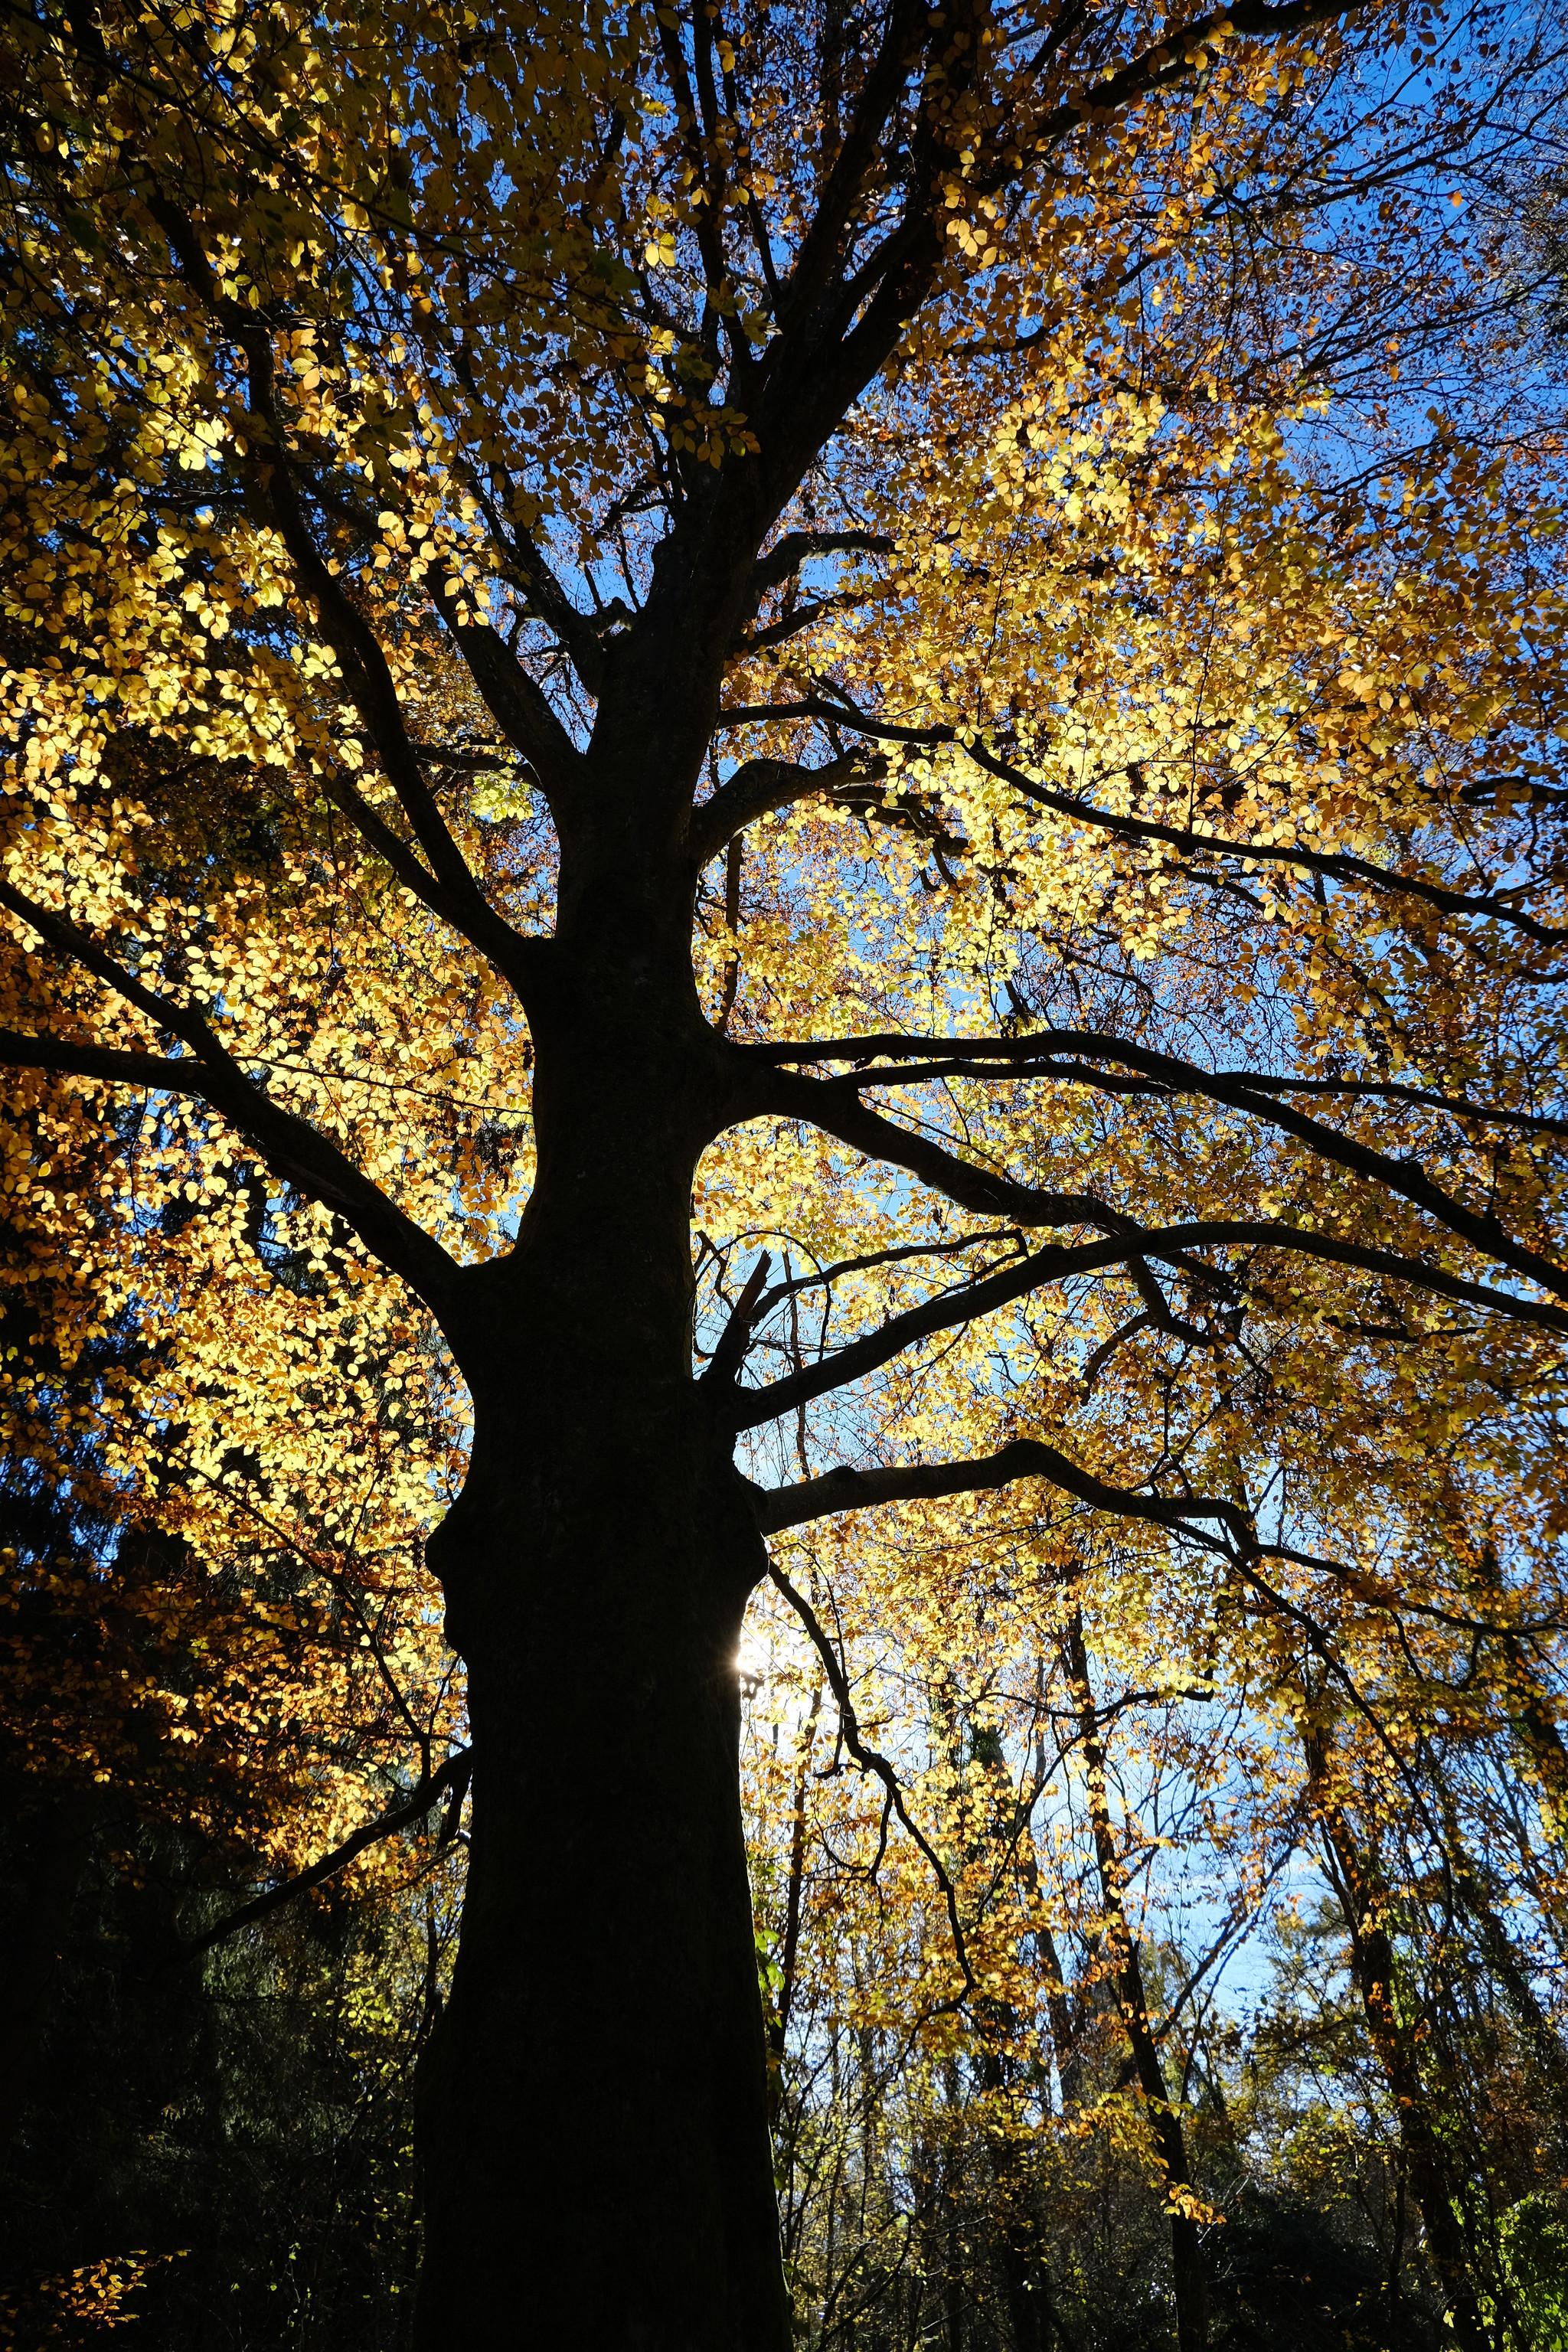 144361 Hintergrundbild 540x960 kostenlos auf deinem Handy, lade Bilder Natur, Blätter, Scheinen, Licht, Silhouette, Holz, Baum, Geäst, Zweige 540x960 auf dein Handy herunter